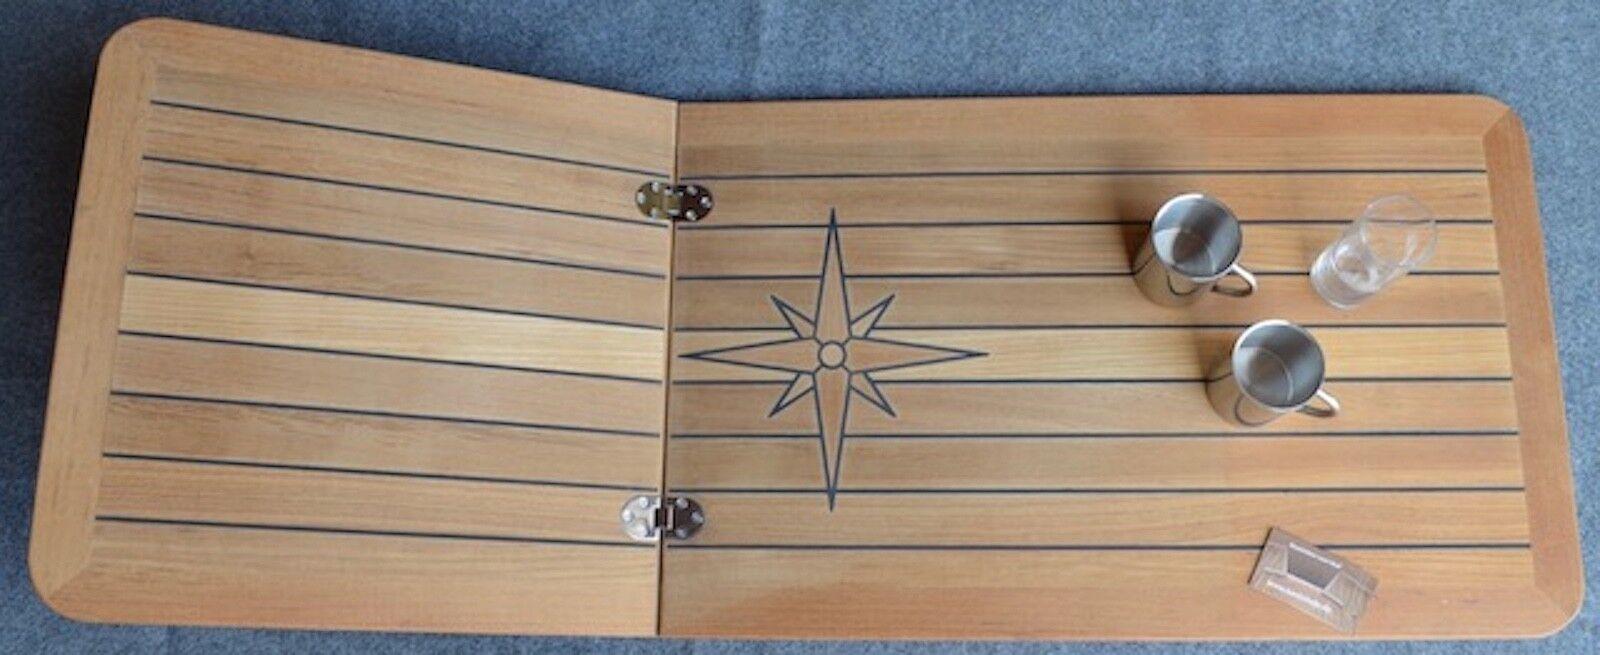 Tischplatte Stiefelplicht exklusiv für Stiefelplicht Tischplatte oder Sonstige de8a35